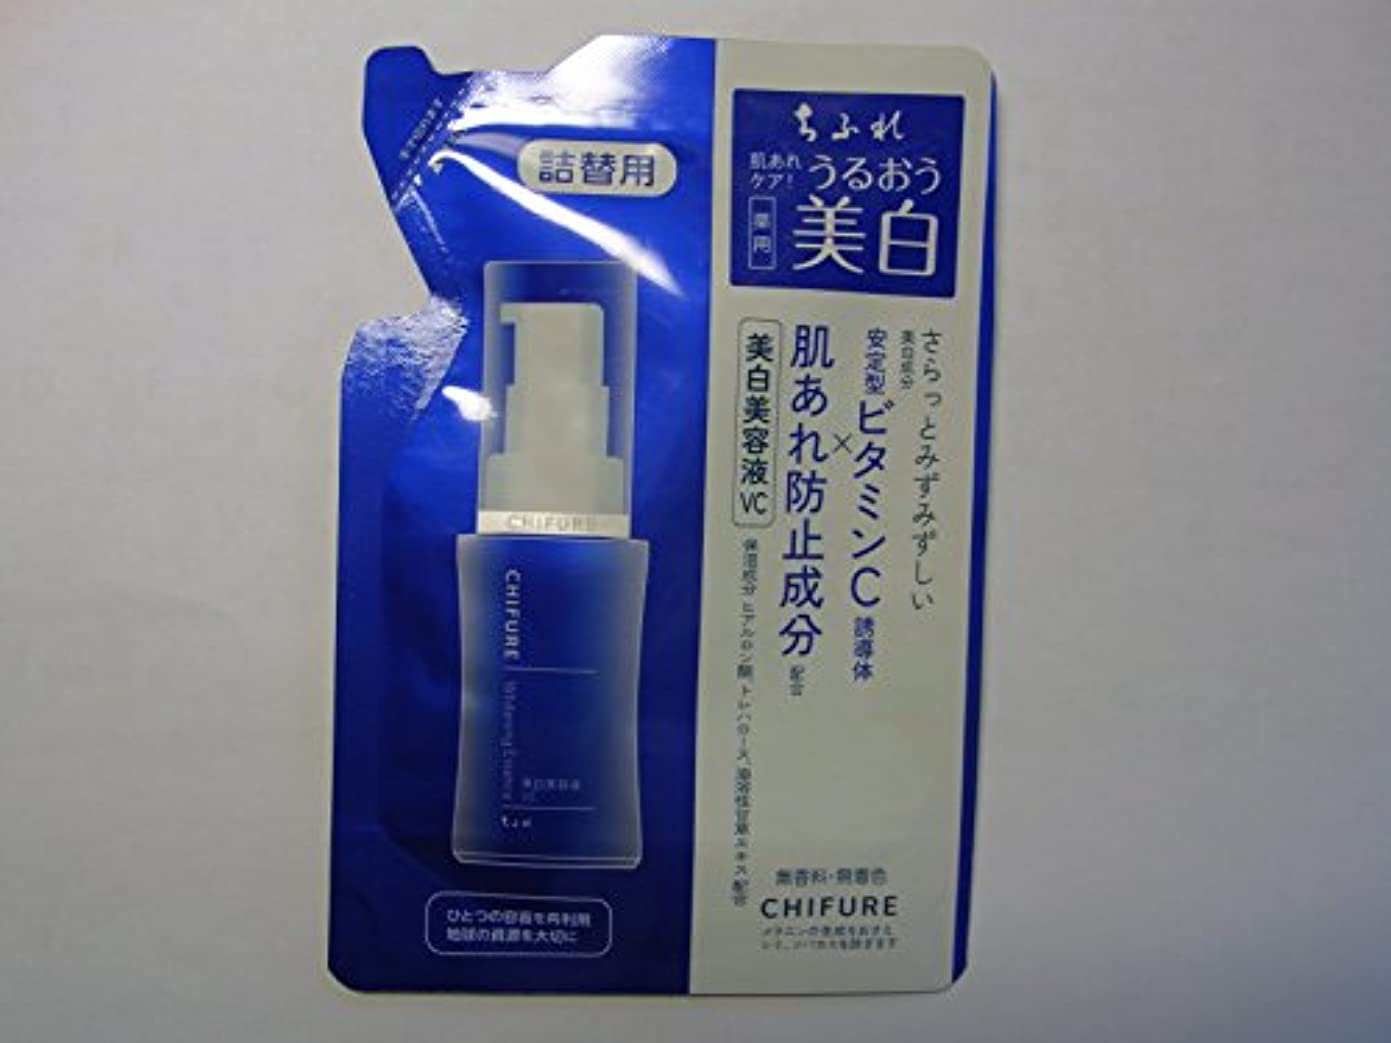 極貧動的発揮するちふれ化粧品 美白美容液 VC 詰替 30ML (医薬部外品)